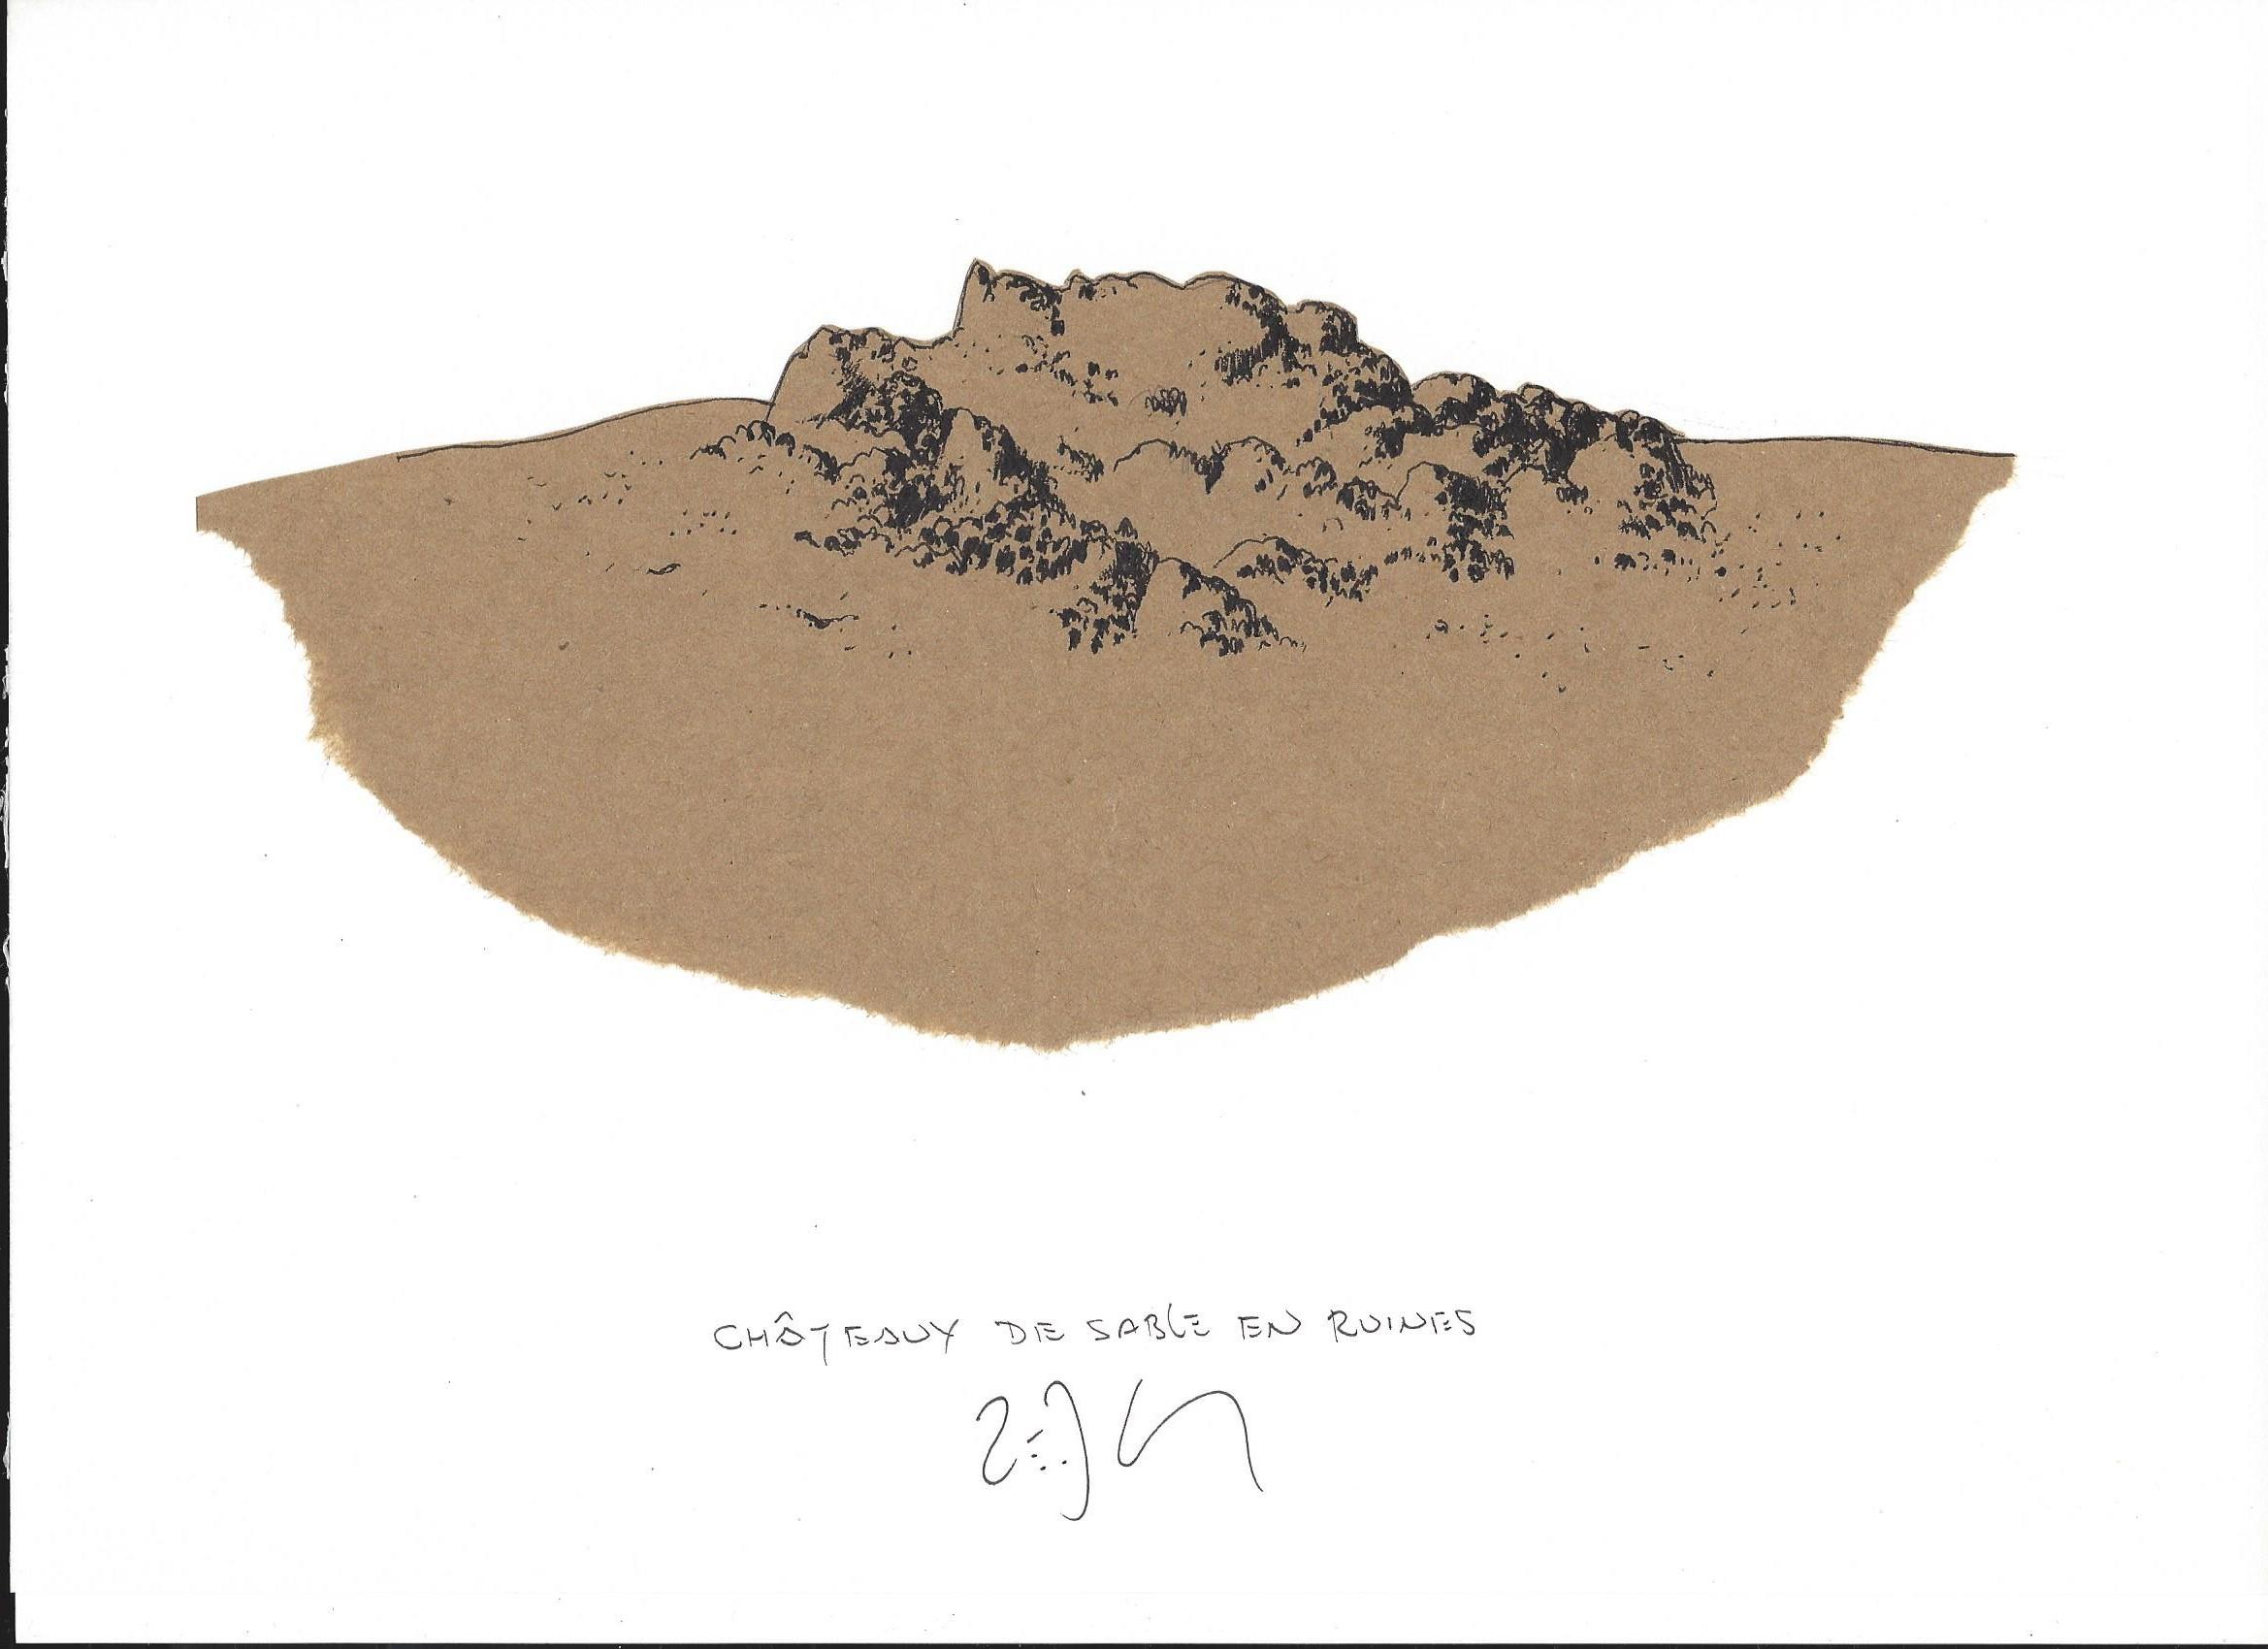 « Sand castle in ruins – Châteaux de sable en ruines »